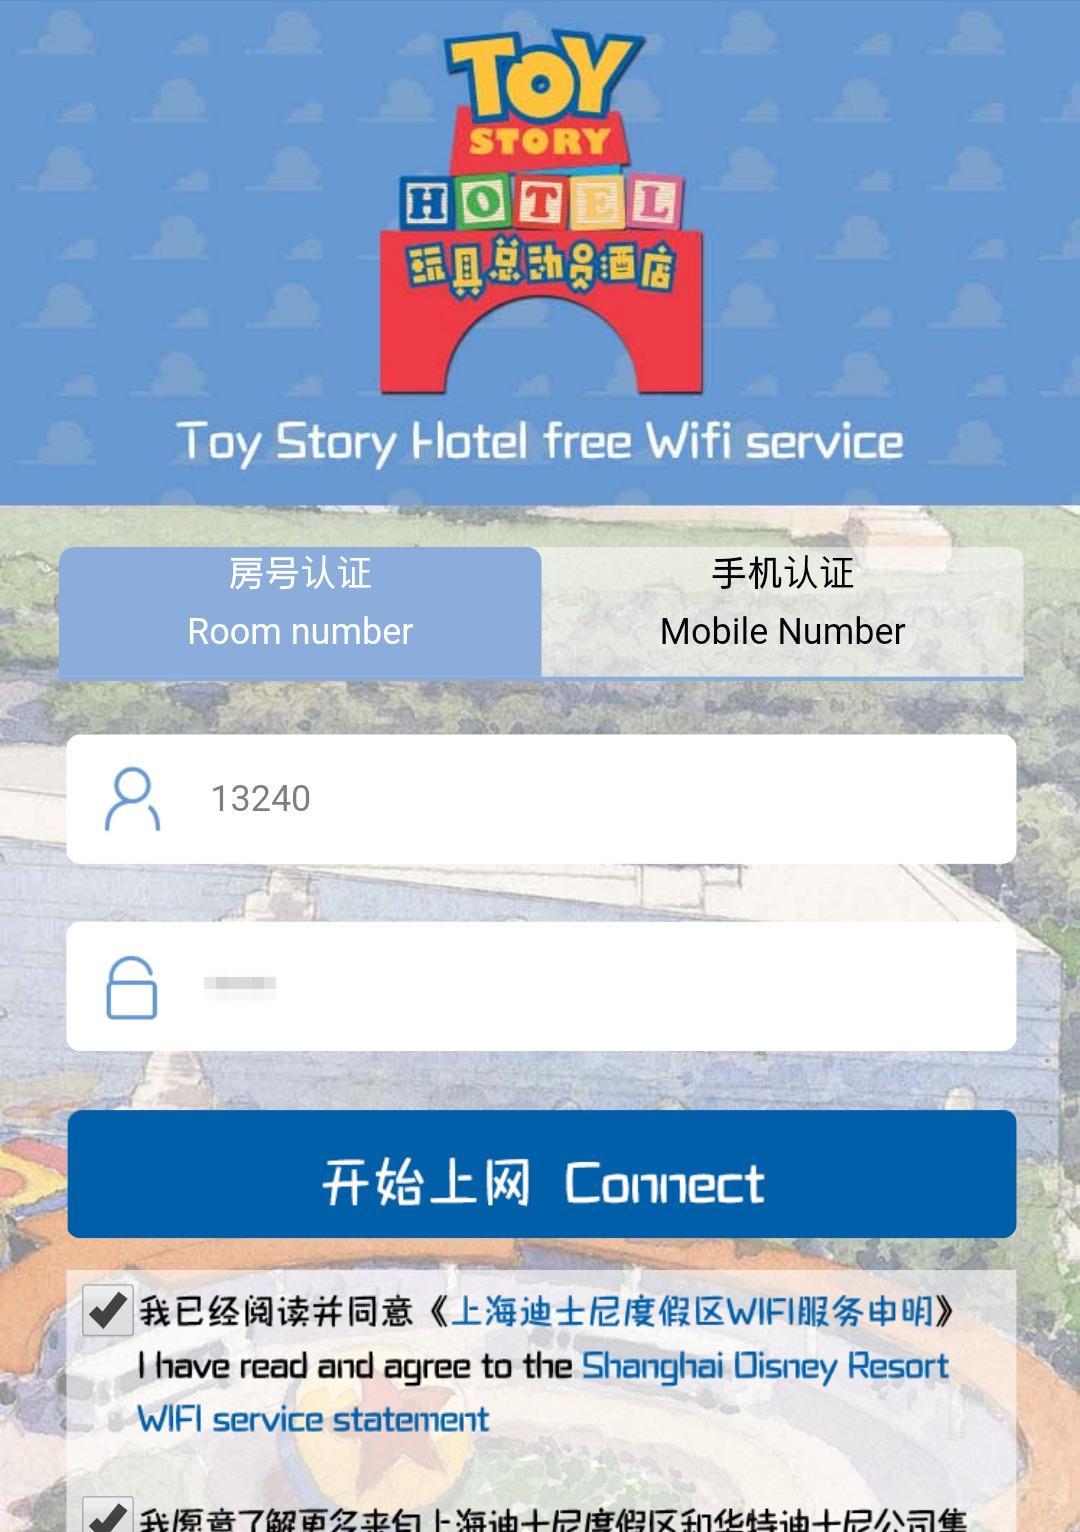 トイストーリーホテル WiFi